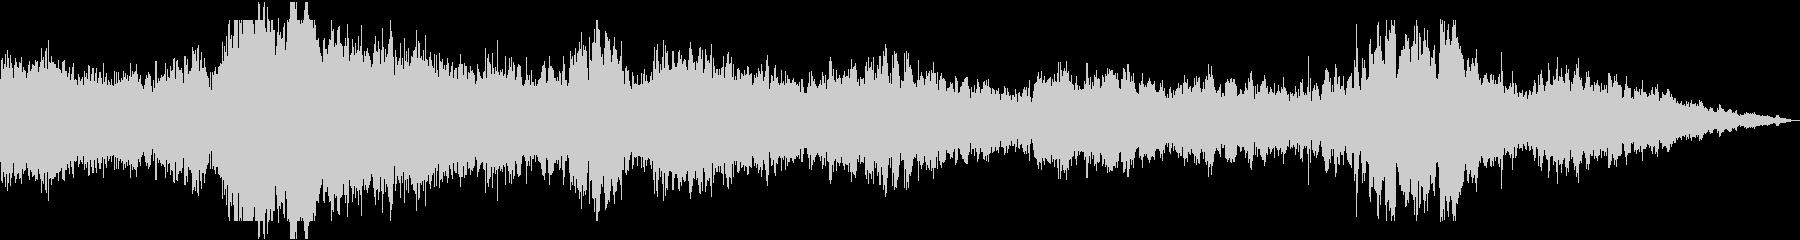 LOW、EERIE GLIMMER...の未再生の波形